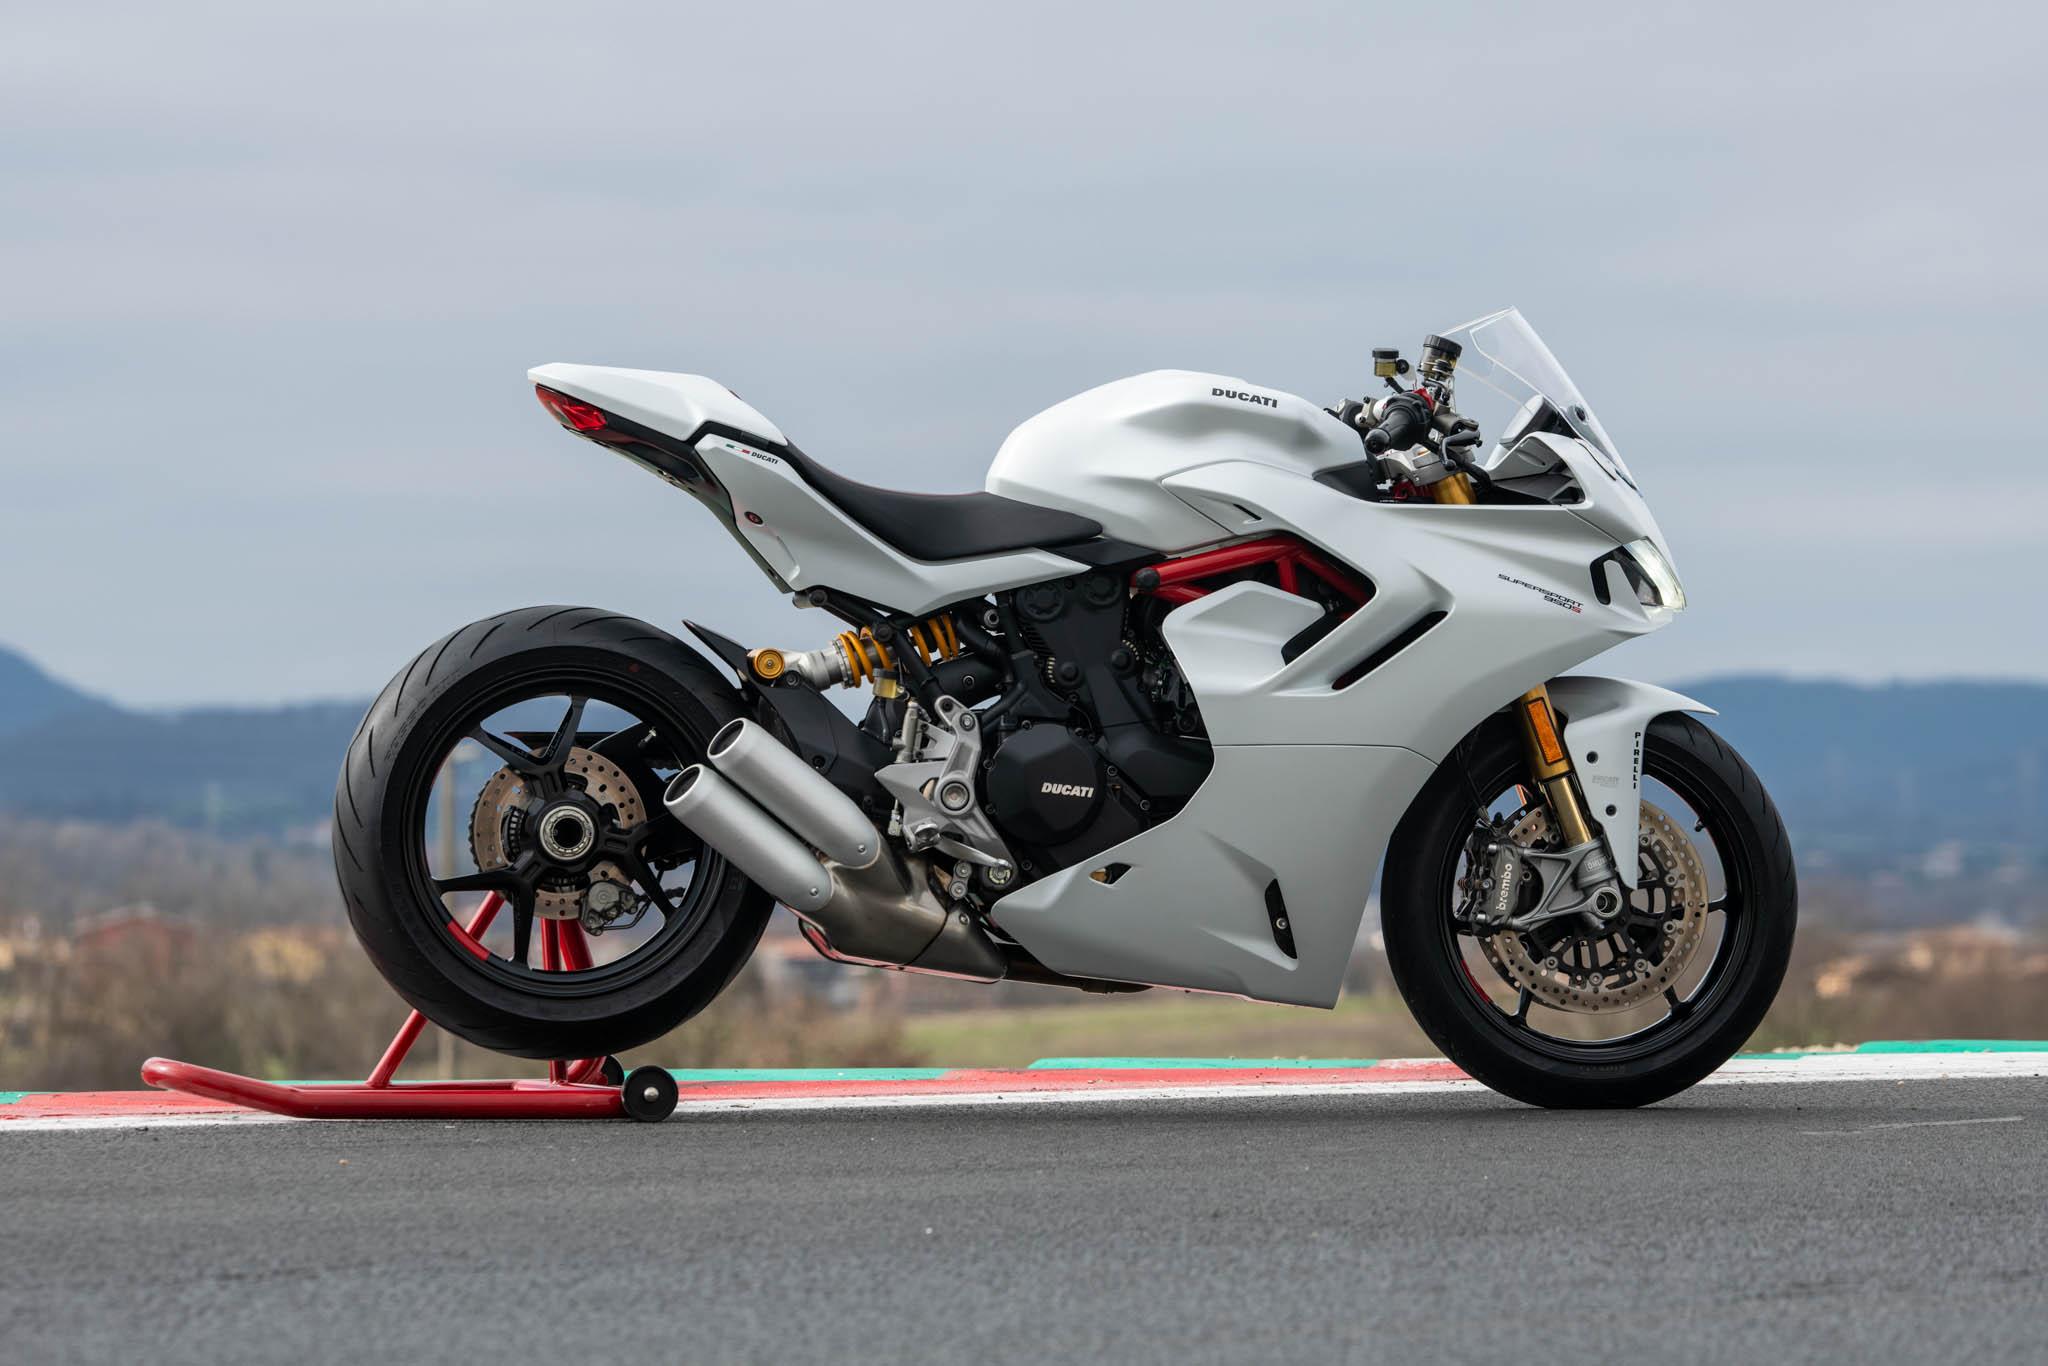 Ducati_SuperSport_950_2021_details-14